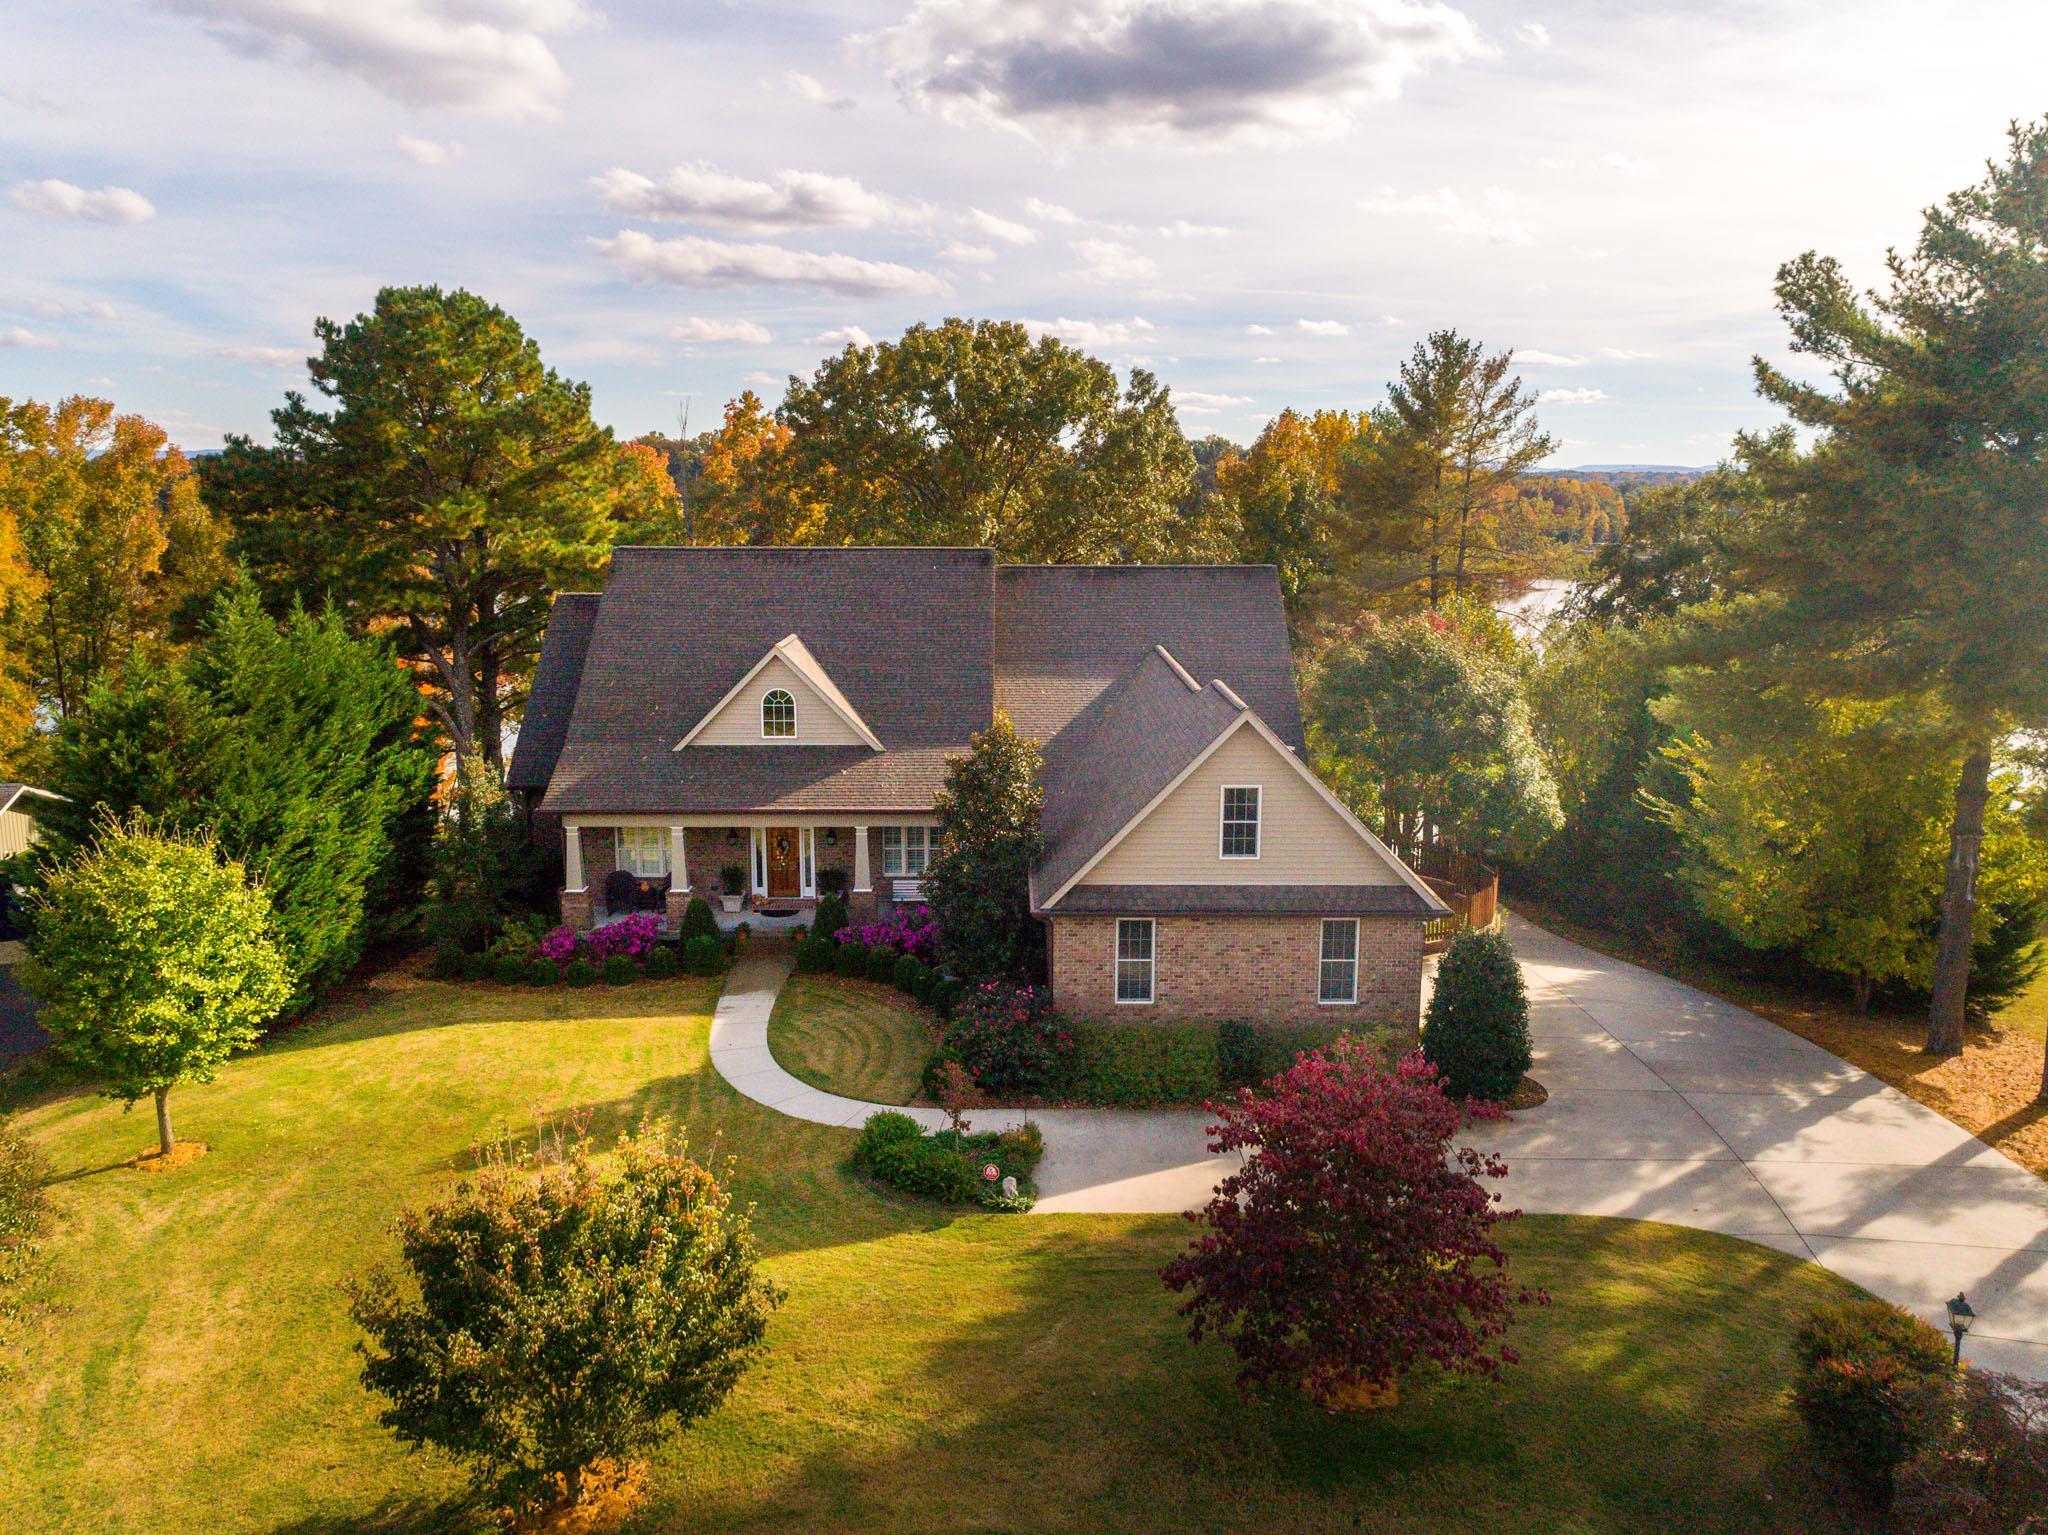 127 HICKORY HILL ROAD, Estill Springs, TN 37330 - Estill Springs, TN real estate listing